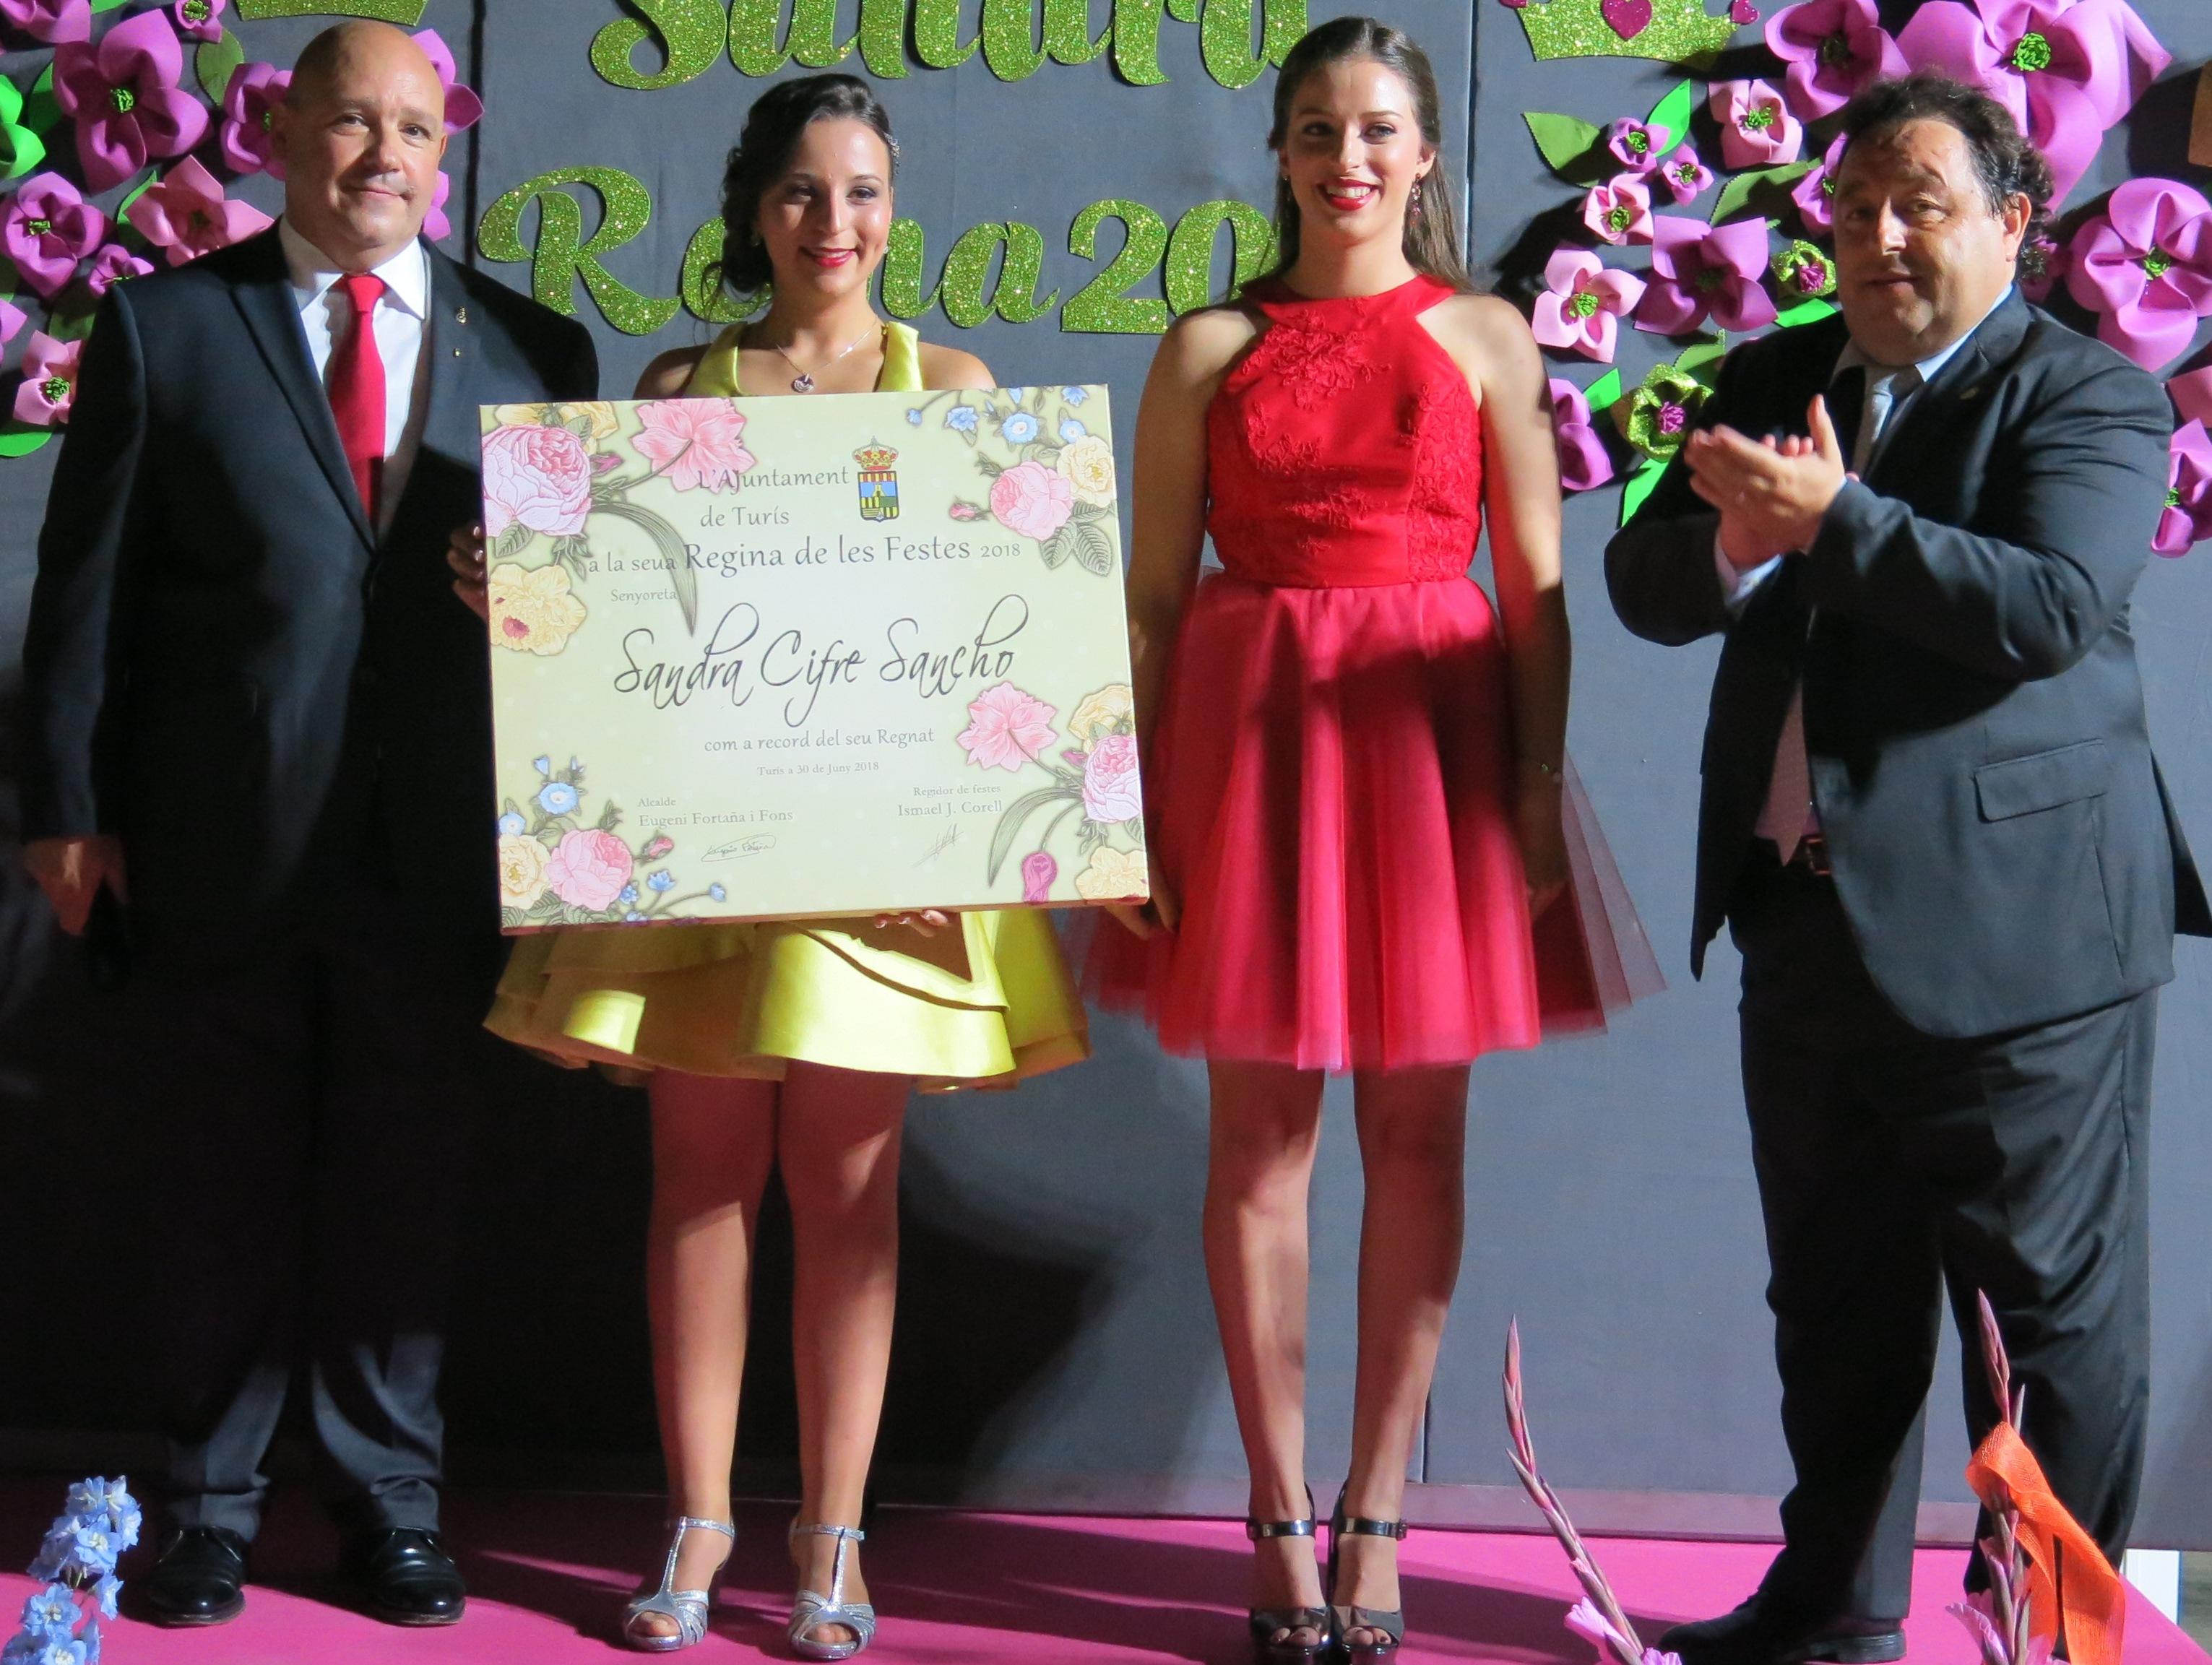 Sandra Cifre i la seua cort comencen un camí il·lusionant cap a les festes de 2018.